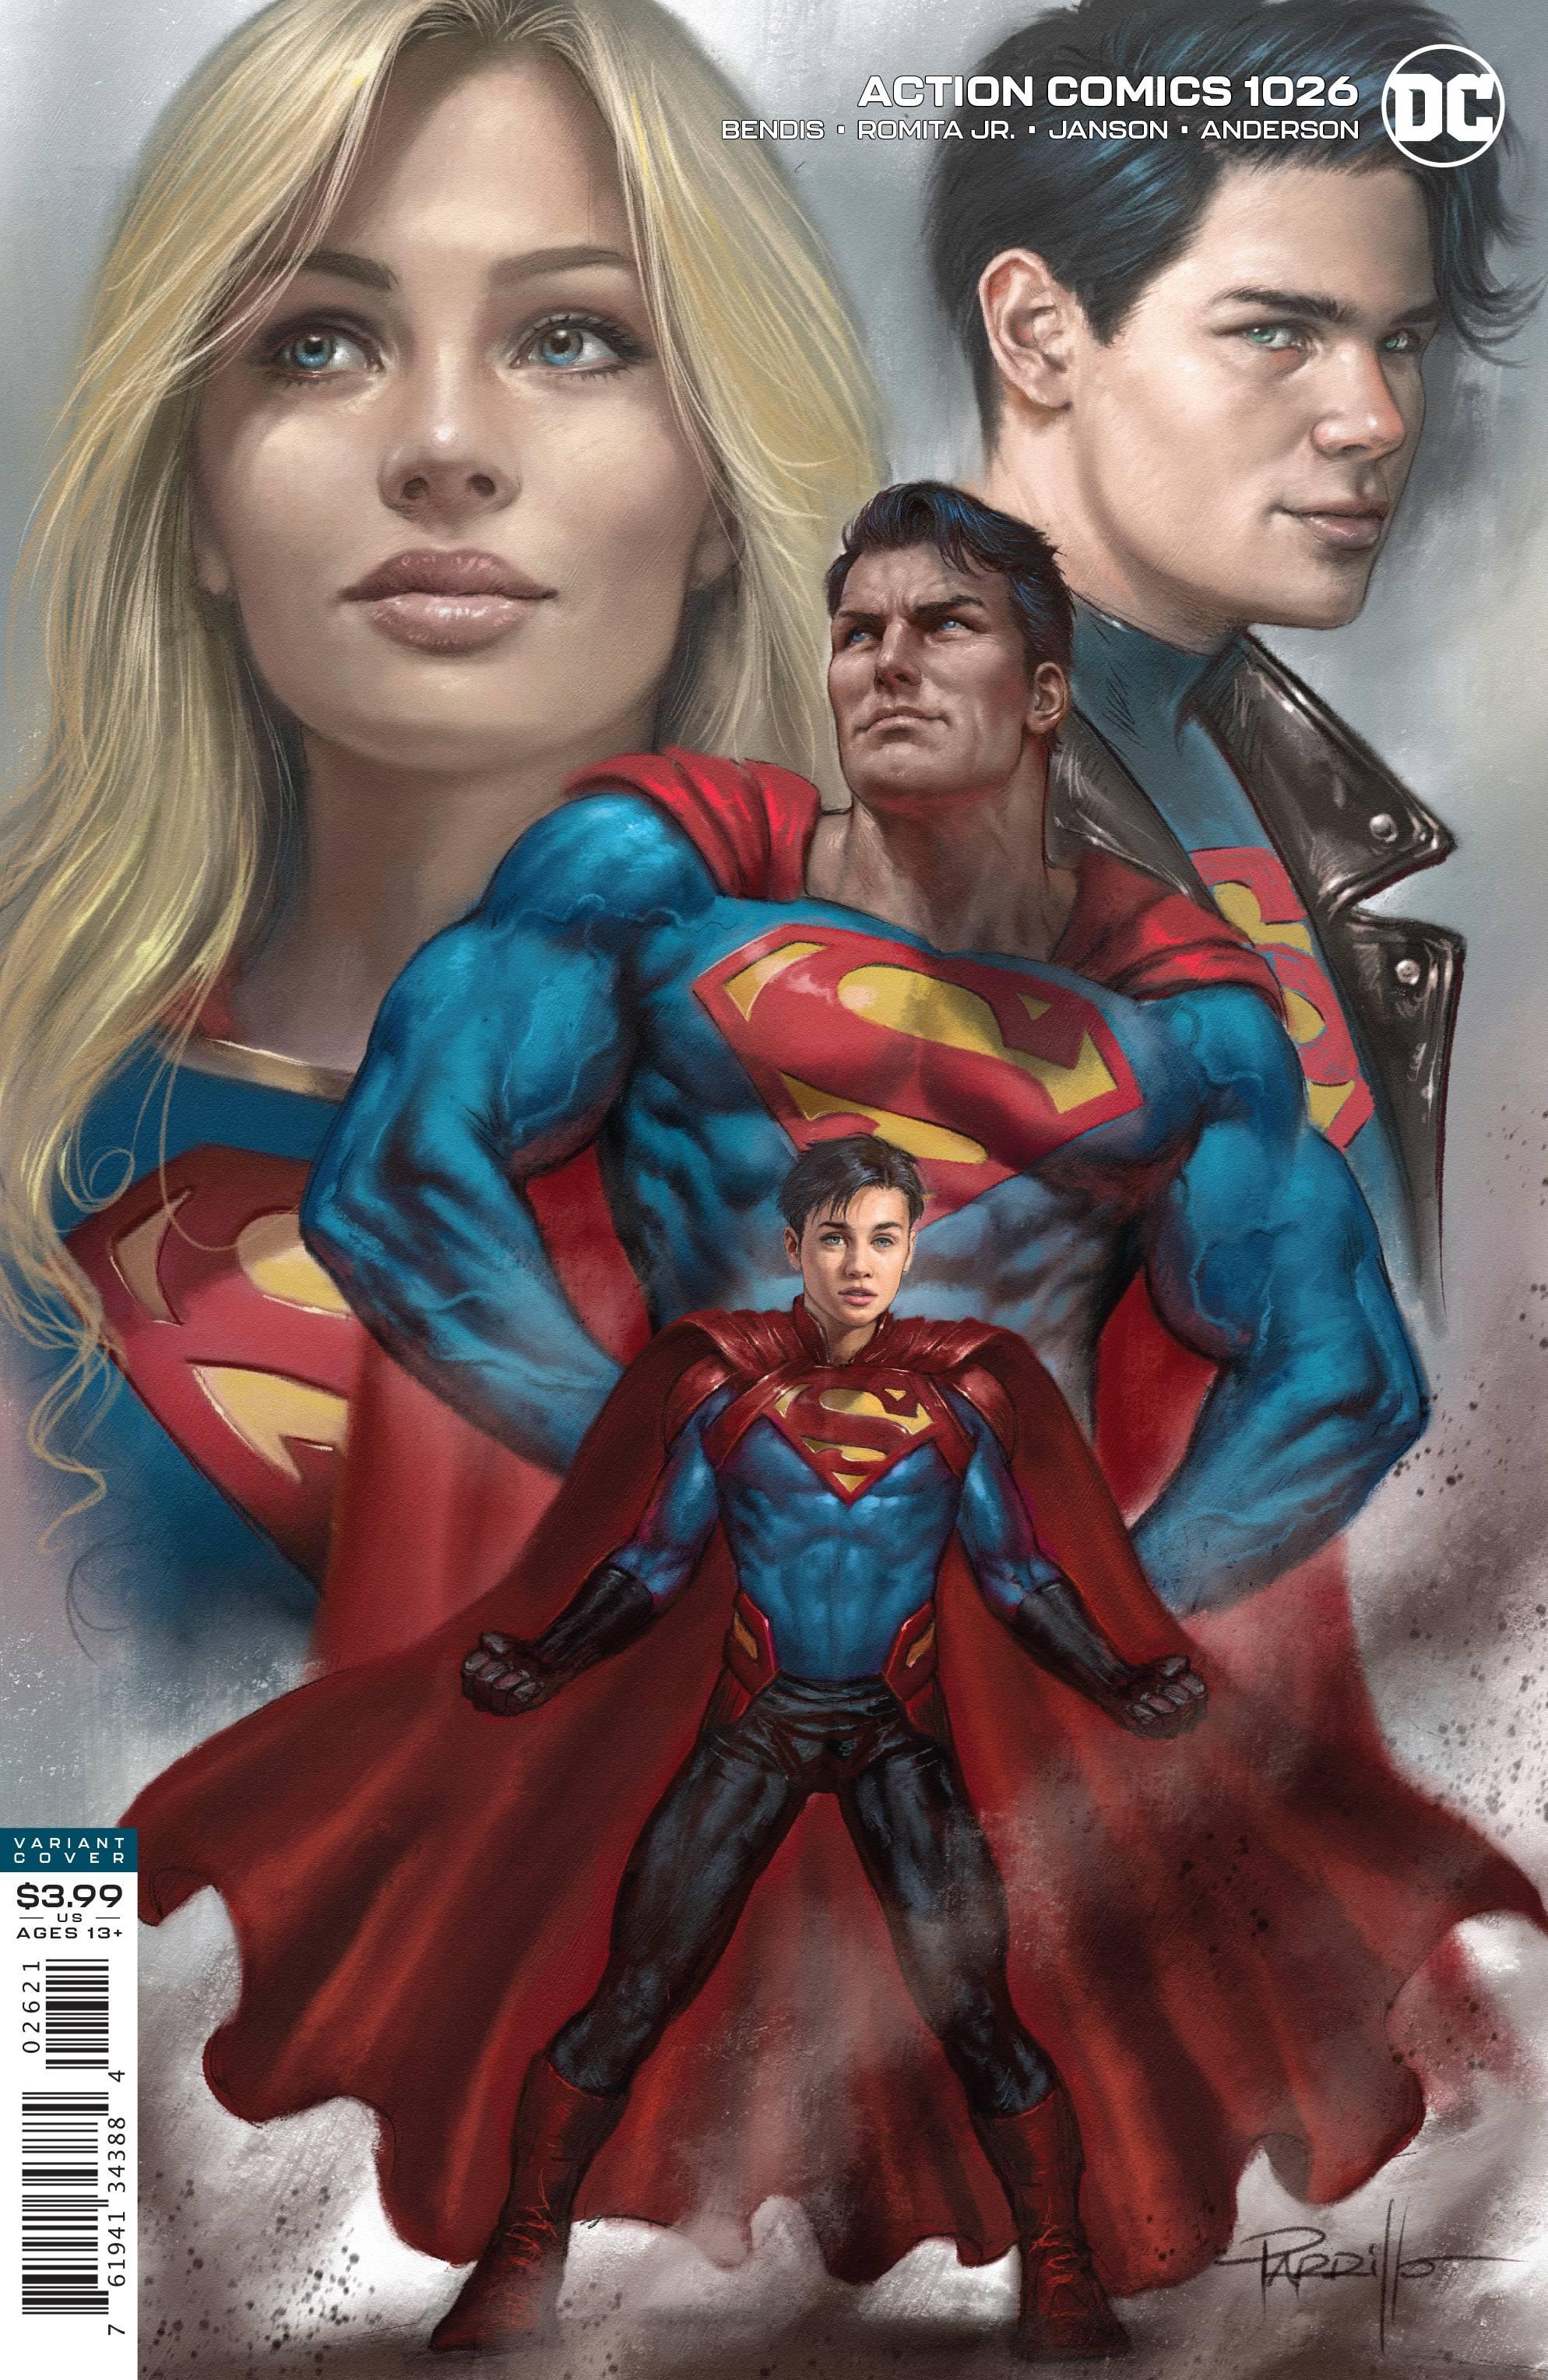 Action Comics Vol 1 1026 Variant.jpg